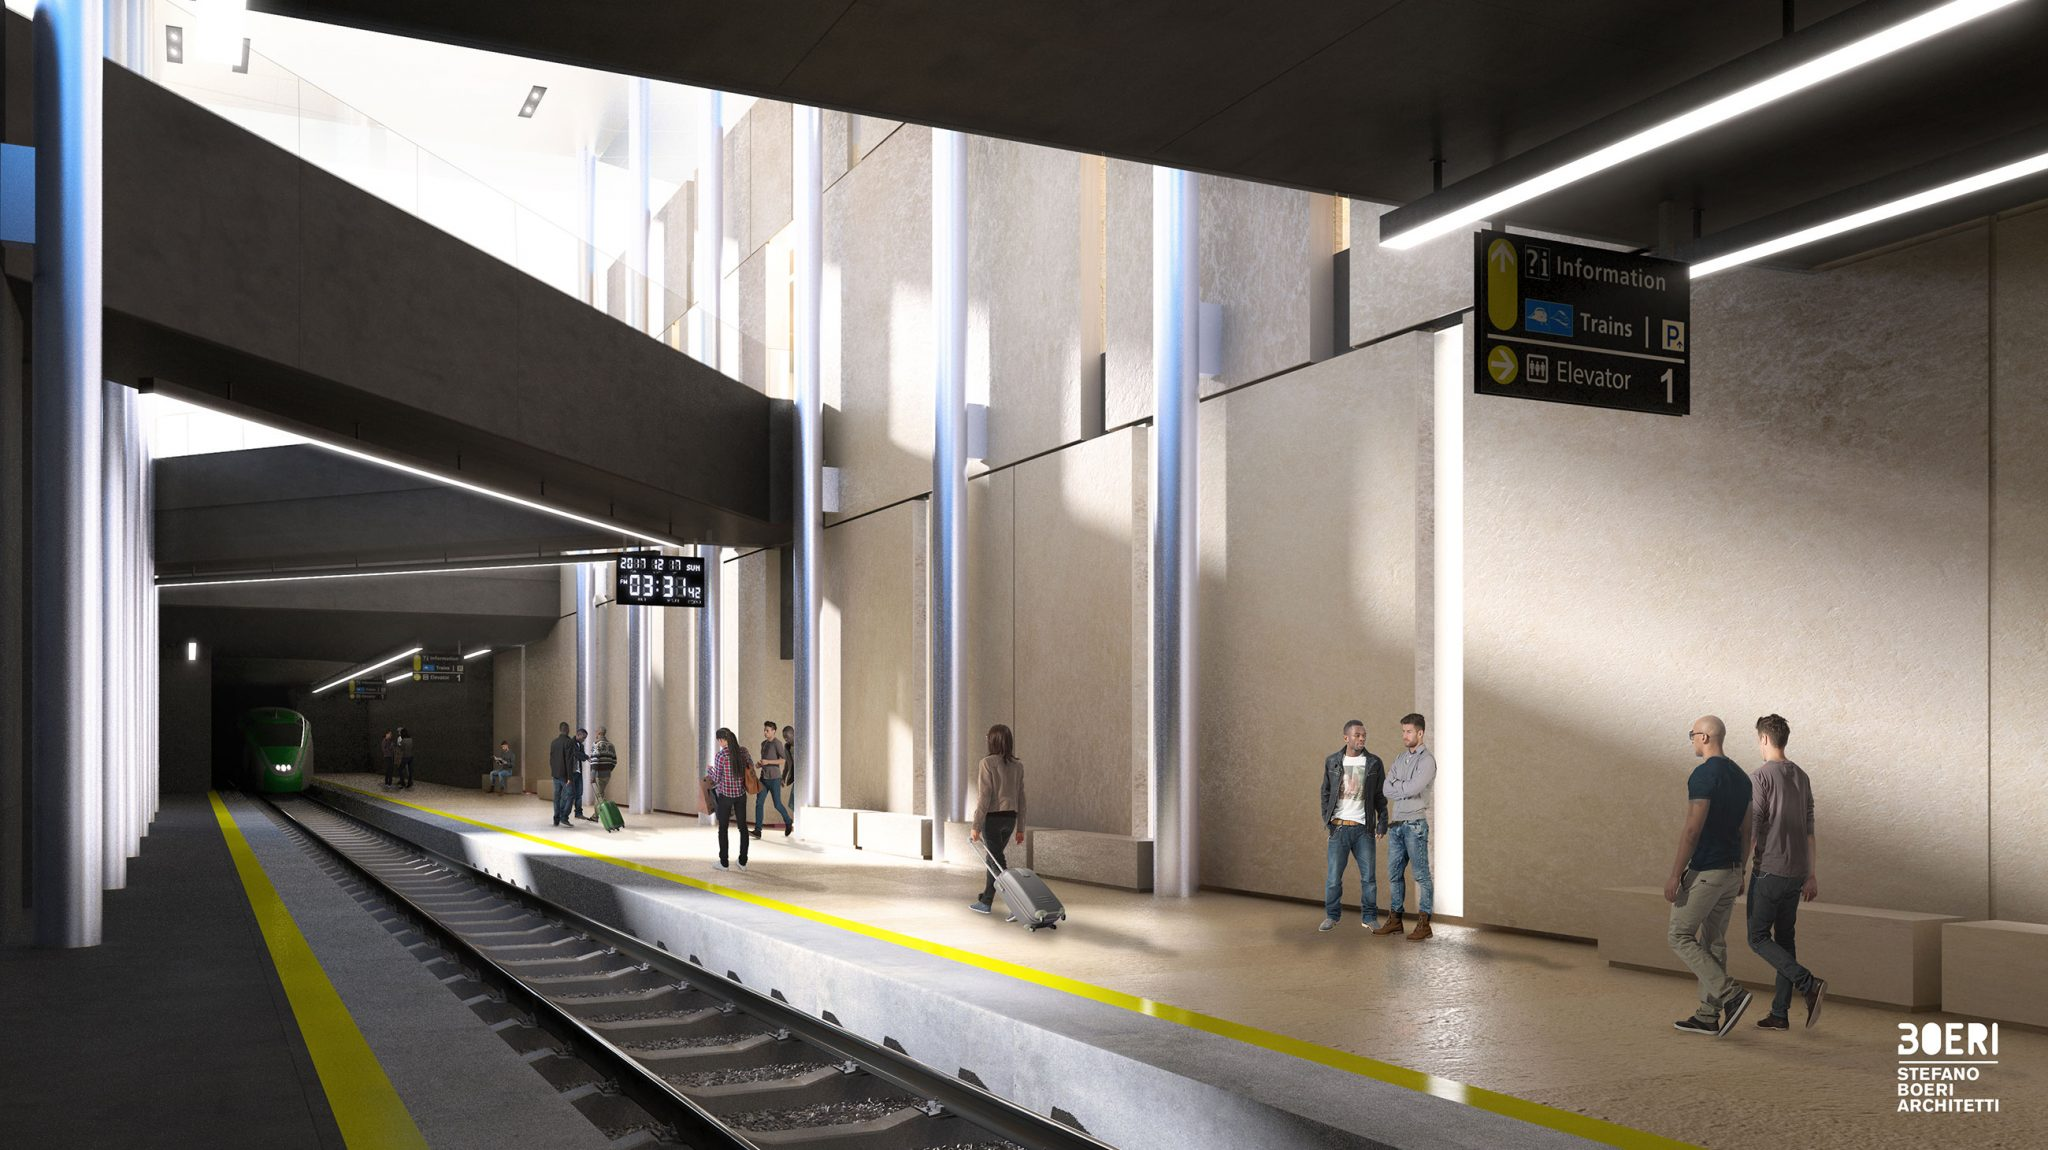 La nuova stazione di Matera firmata Stefano Boeri